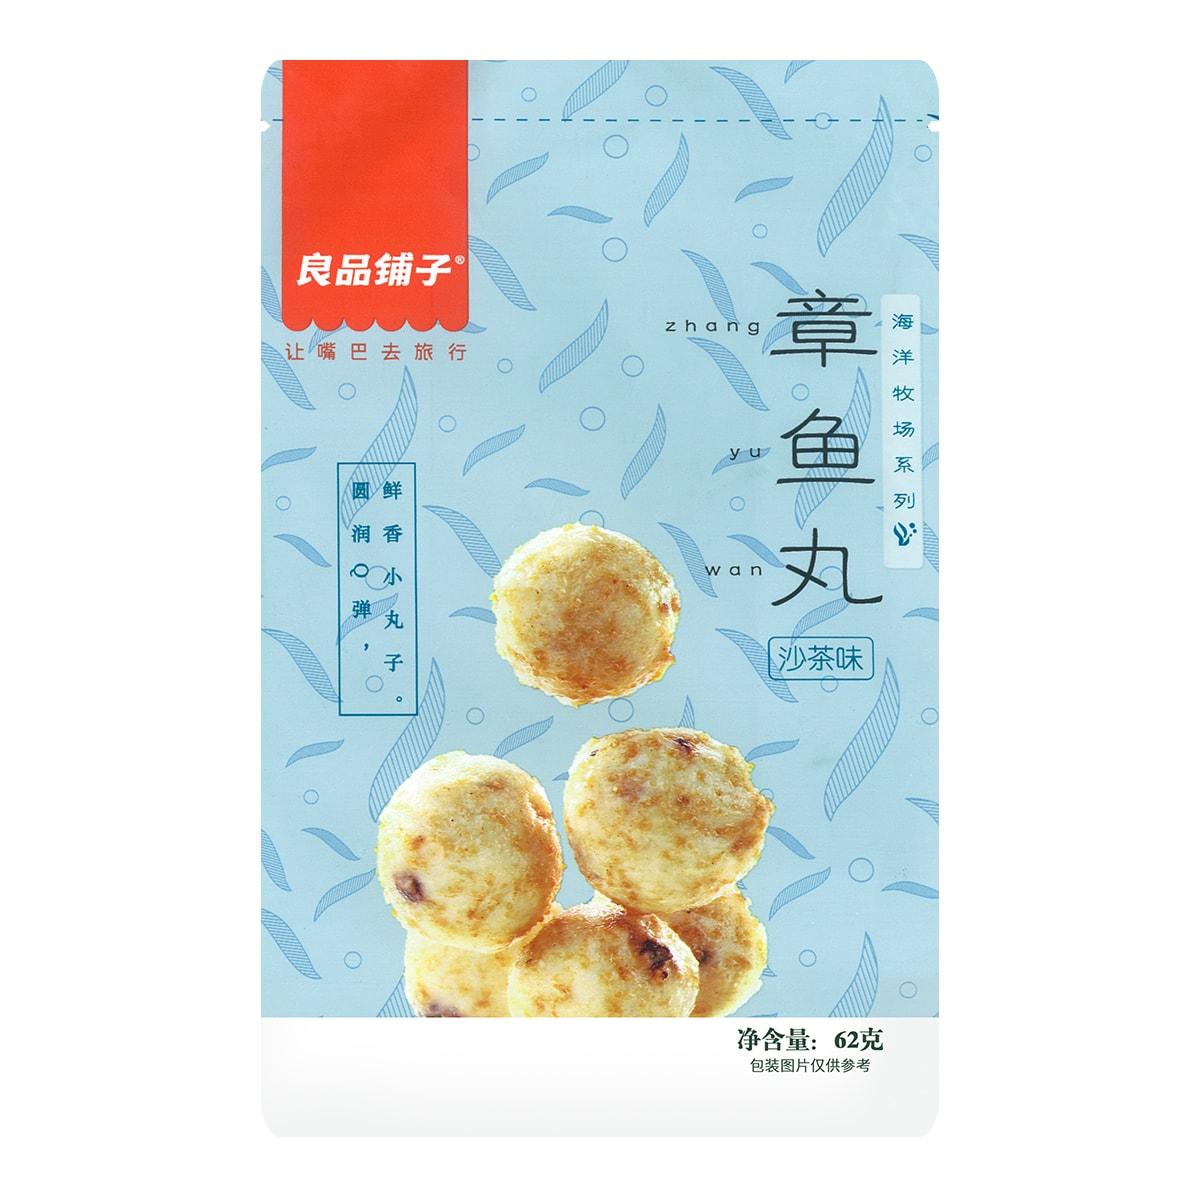 良品铺子 章鱼丸 沙茶味 62g